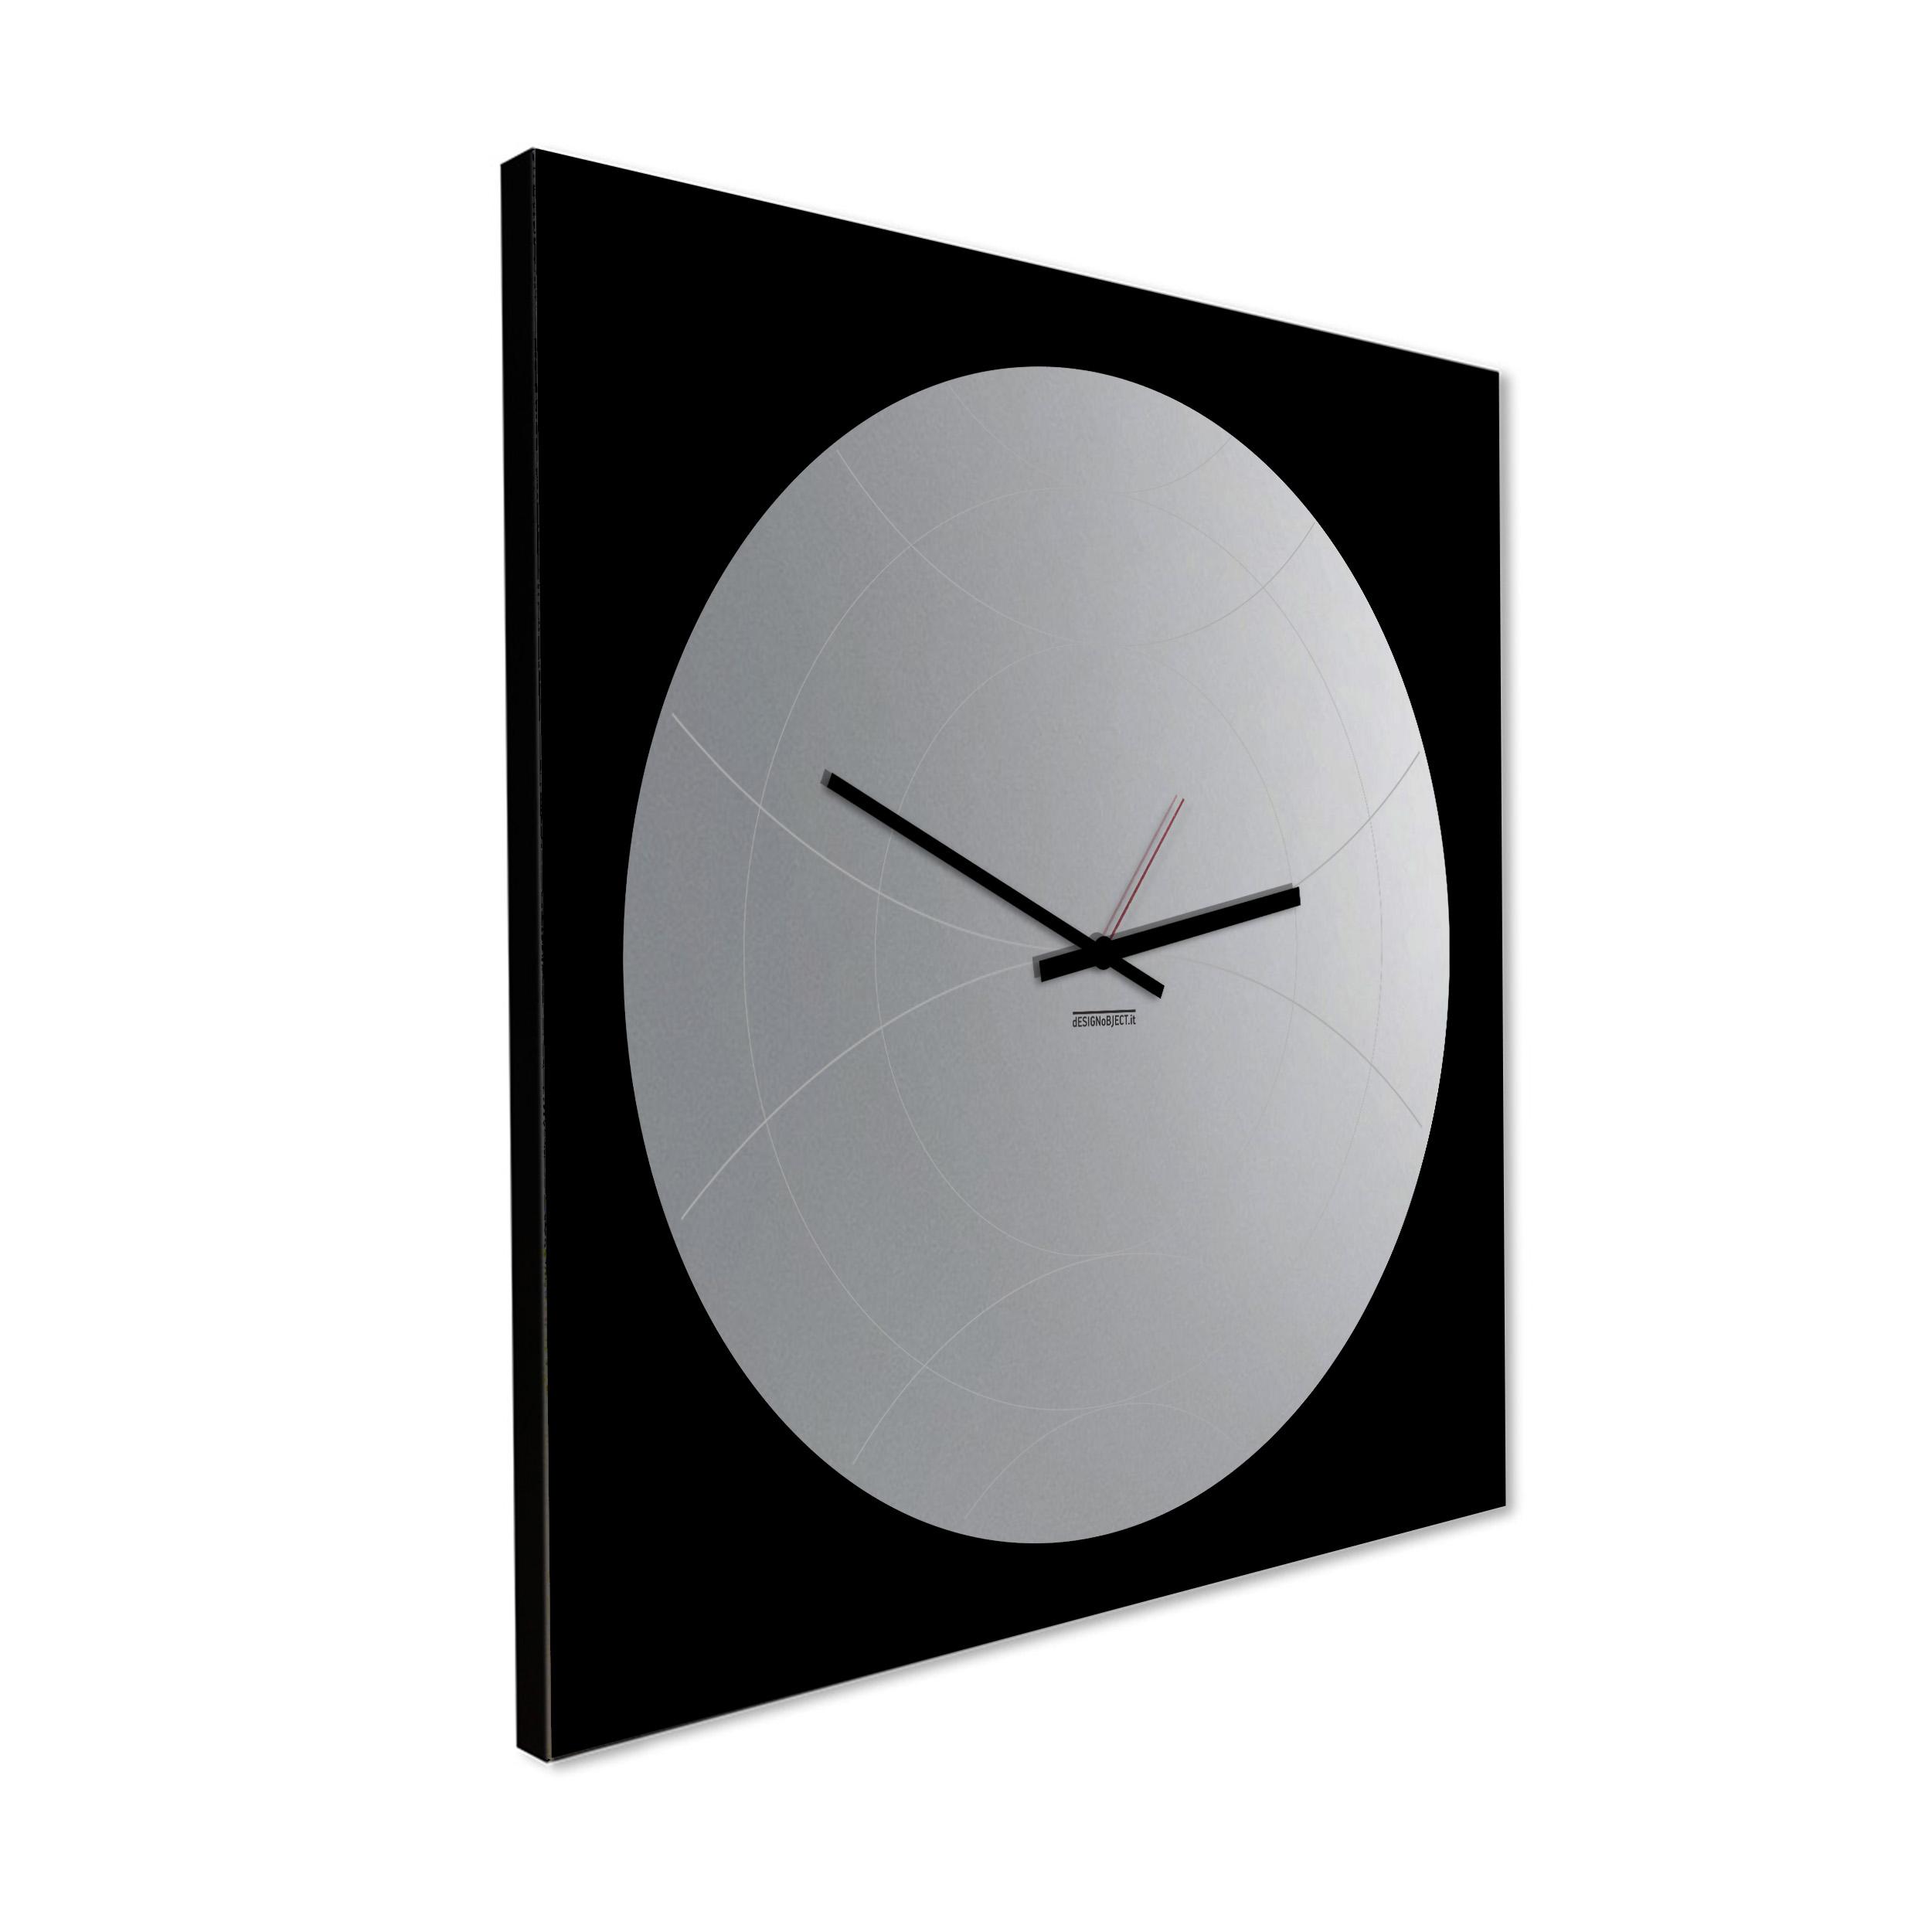 Orologio specchio di design designobject - Orologio a specchio ...